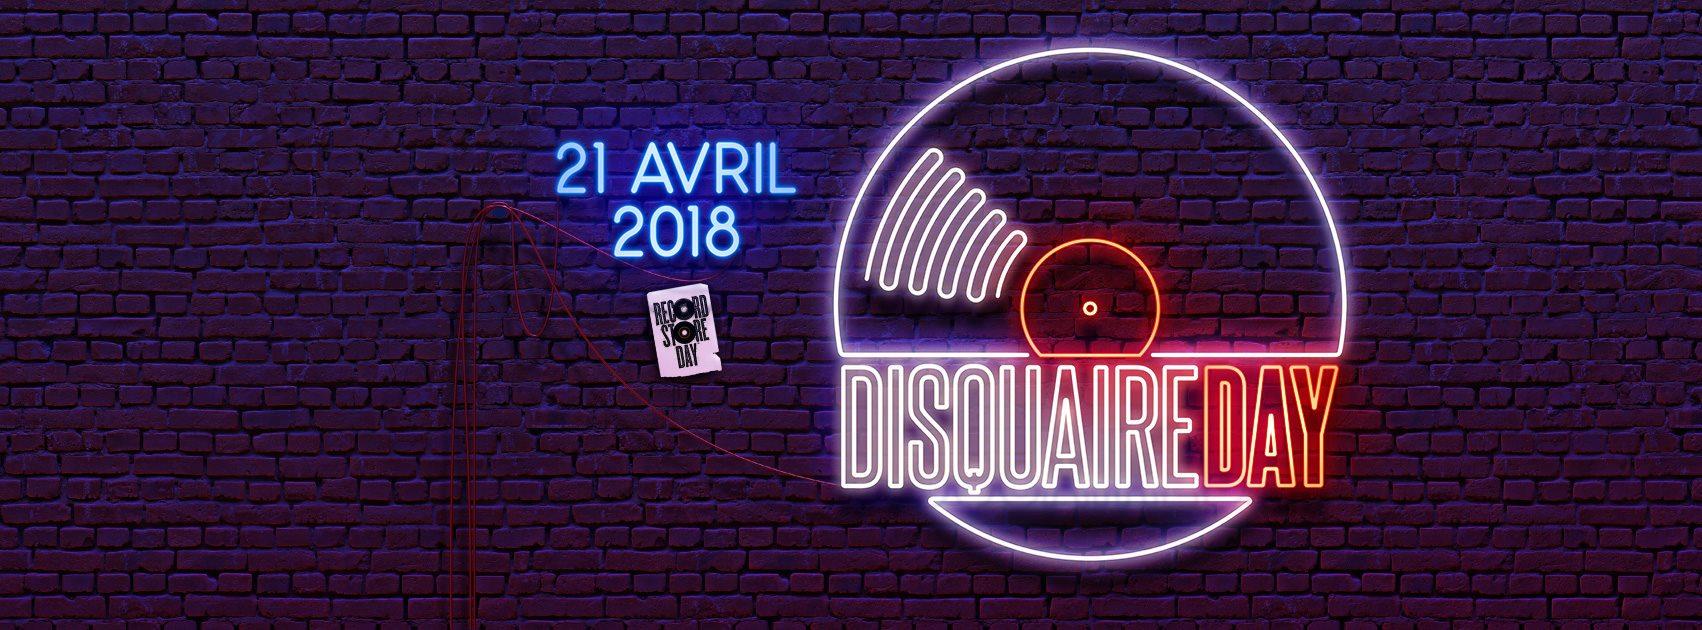 Image du Disquaire Day 2018